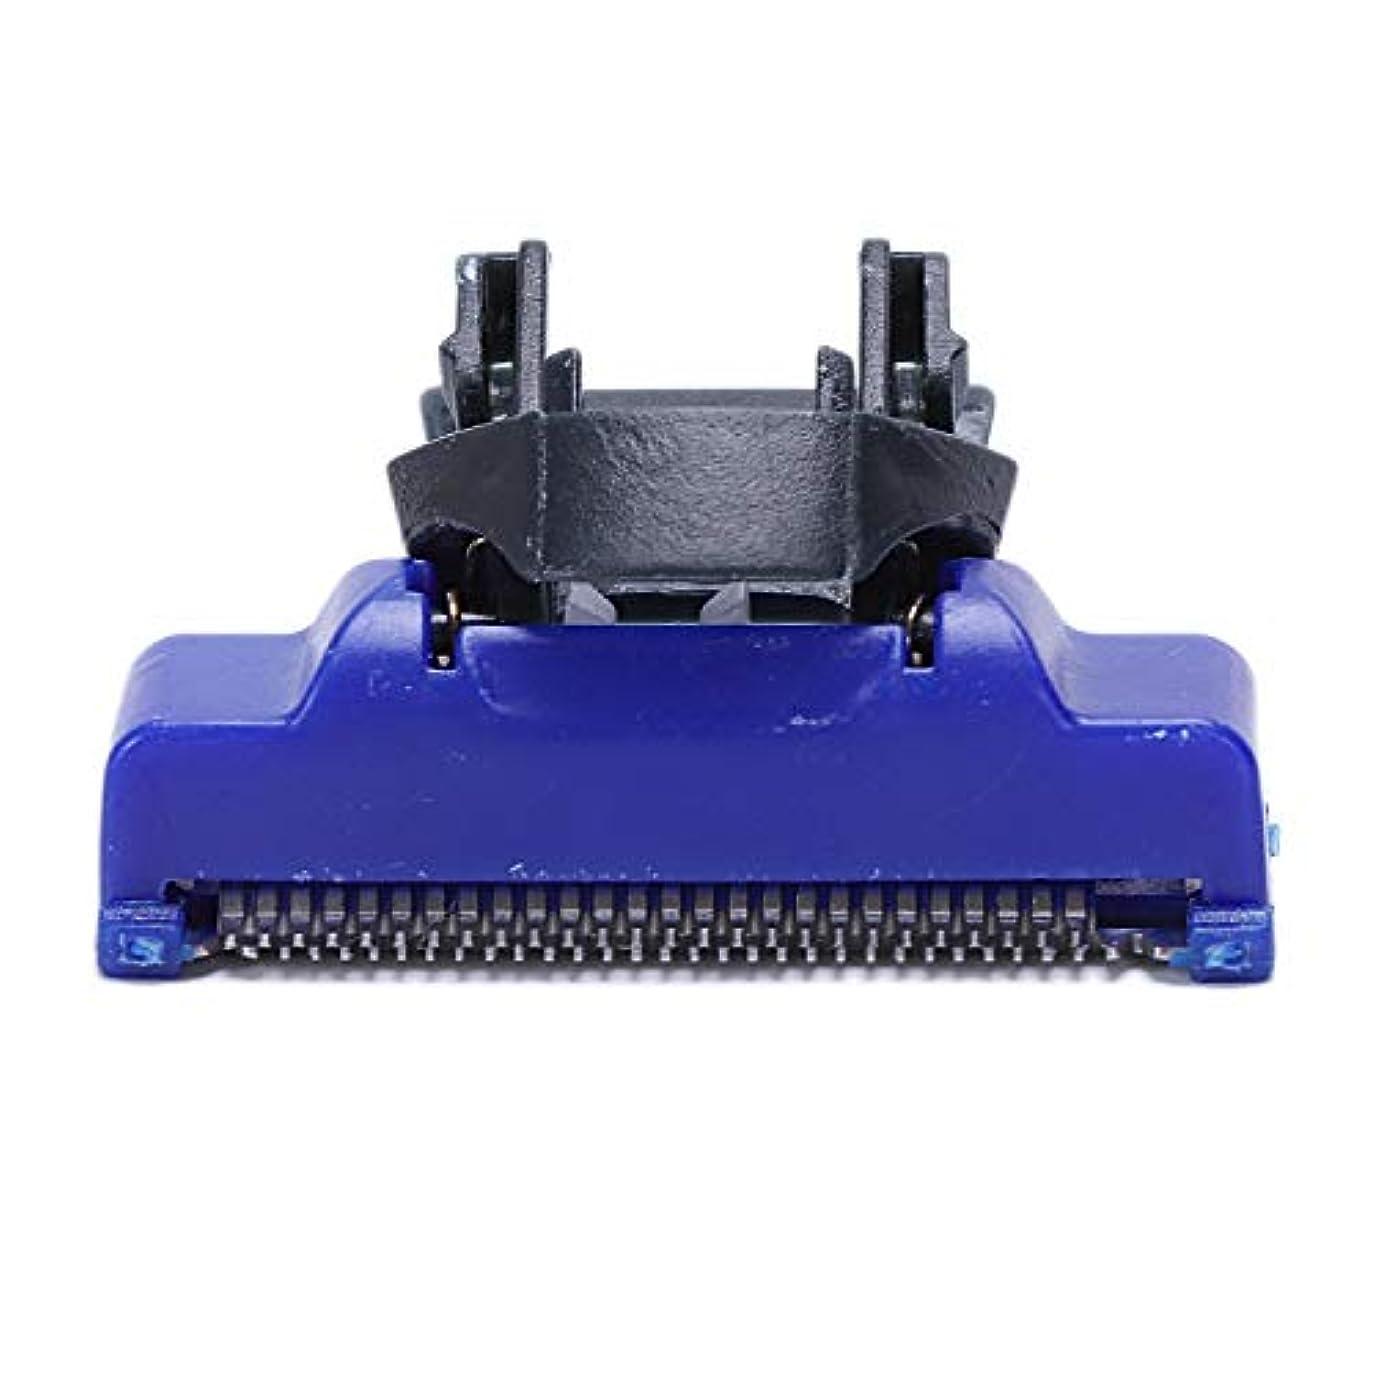 食い違いく刃CUHAWUDBA Micropress Solo用マルチパッケージメンズシェーバー回転両面ブレードヘッド